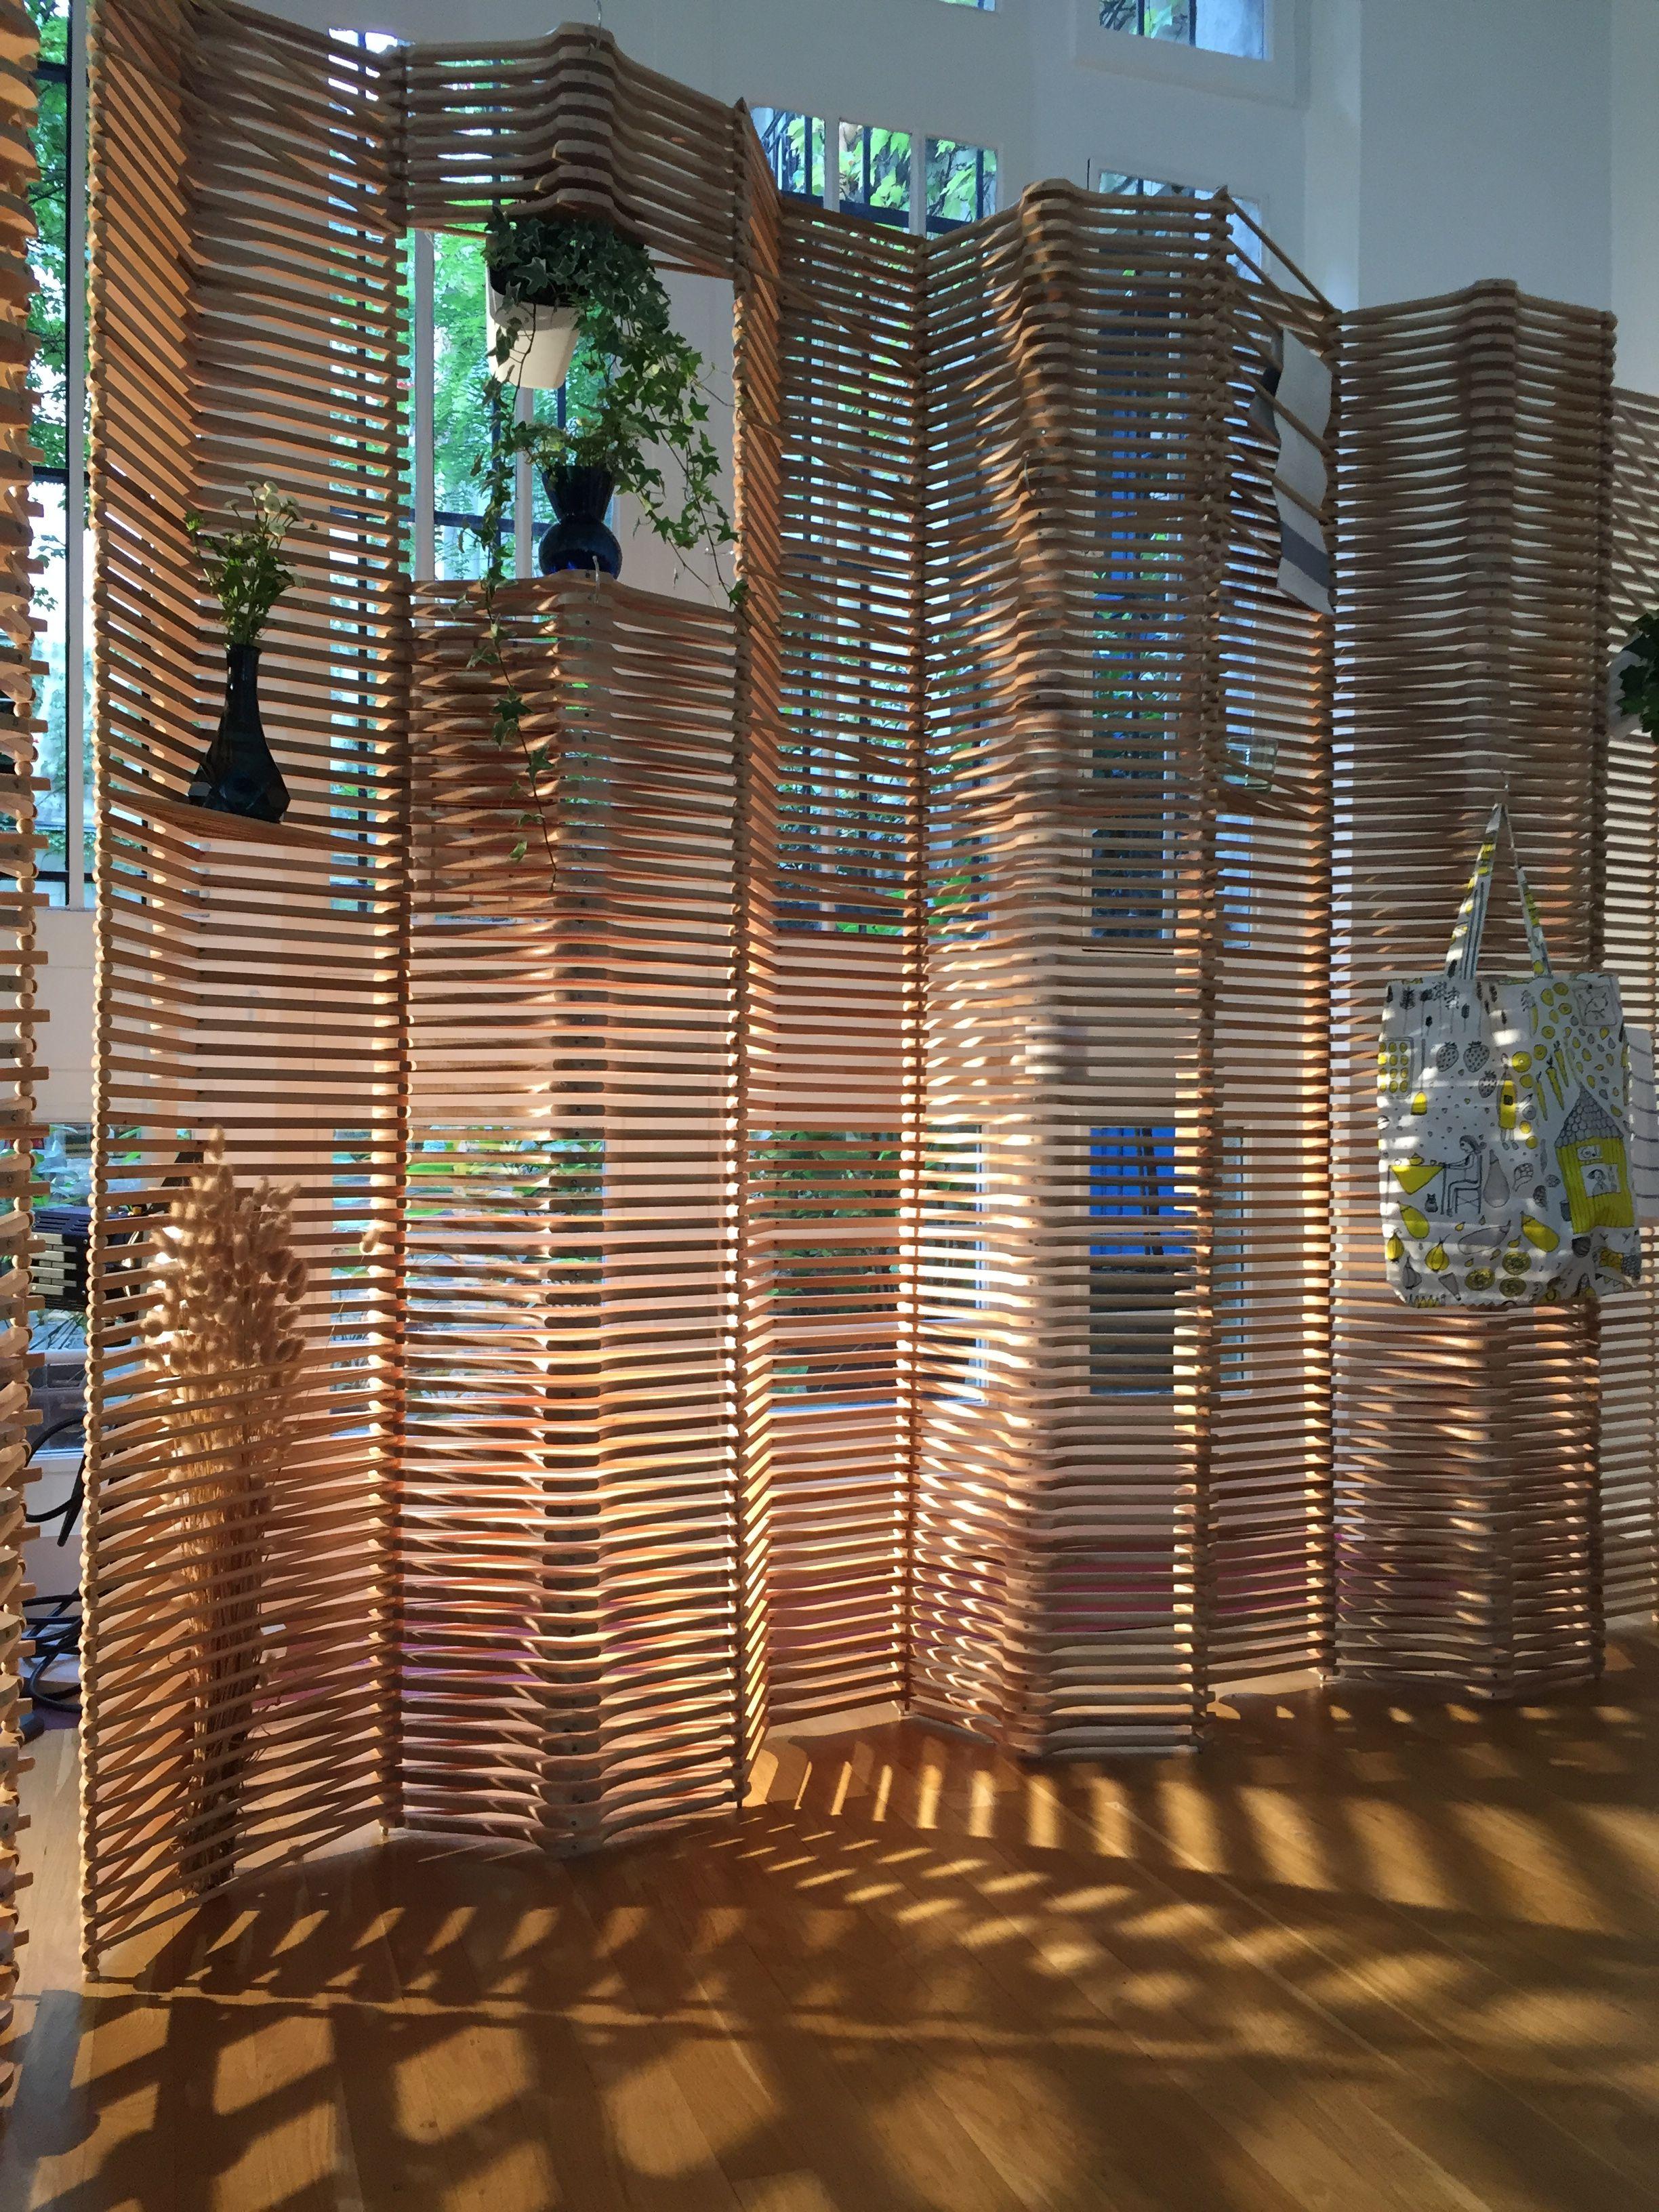 d00d3cc658034bee299bd1e693cd24c1 Incroyable De Armoire De Jardin Ikea Des Idées